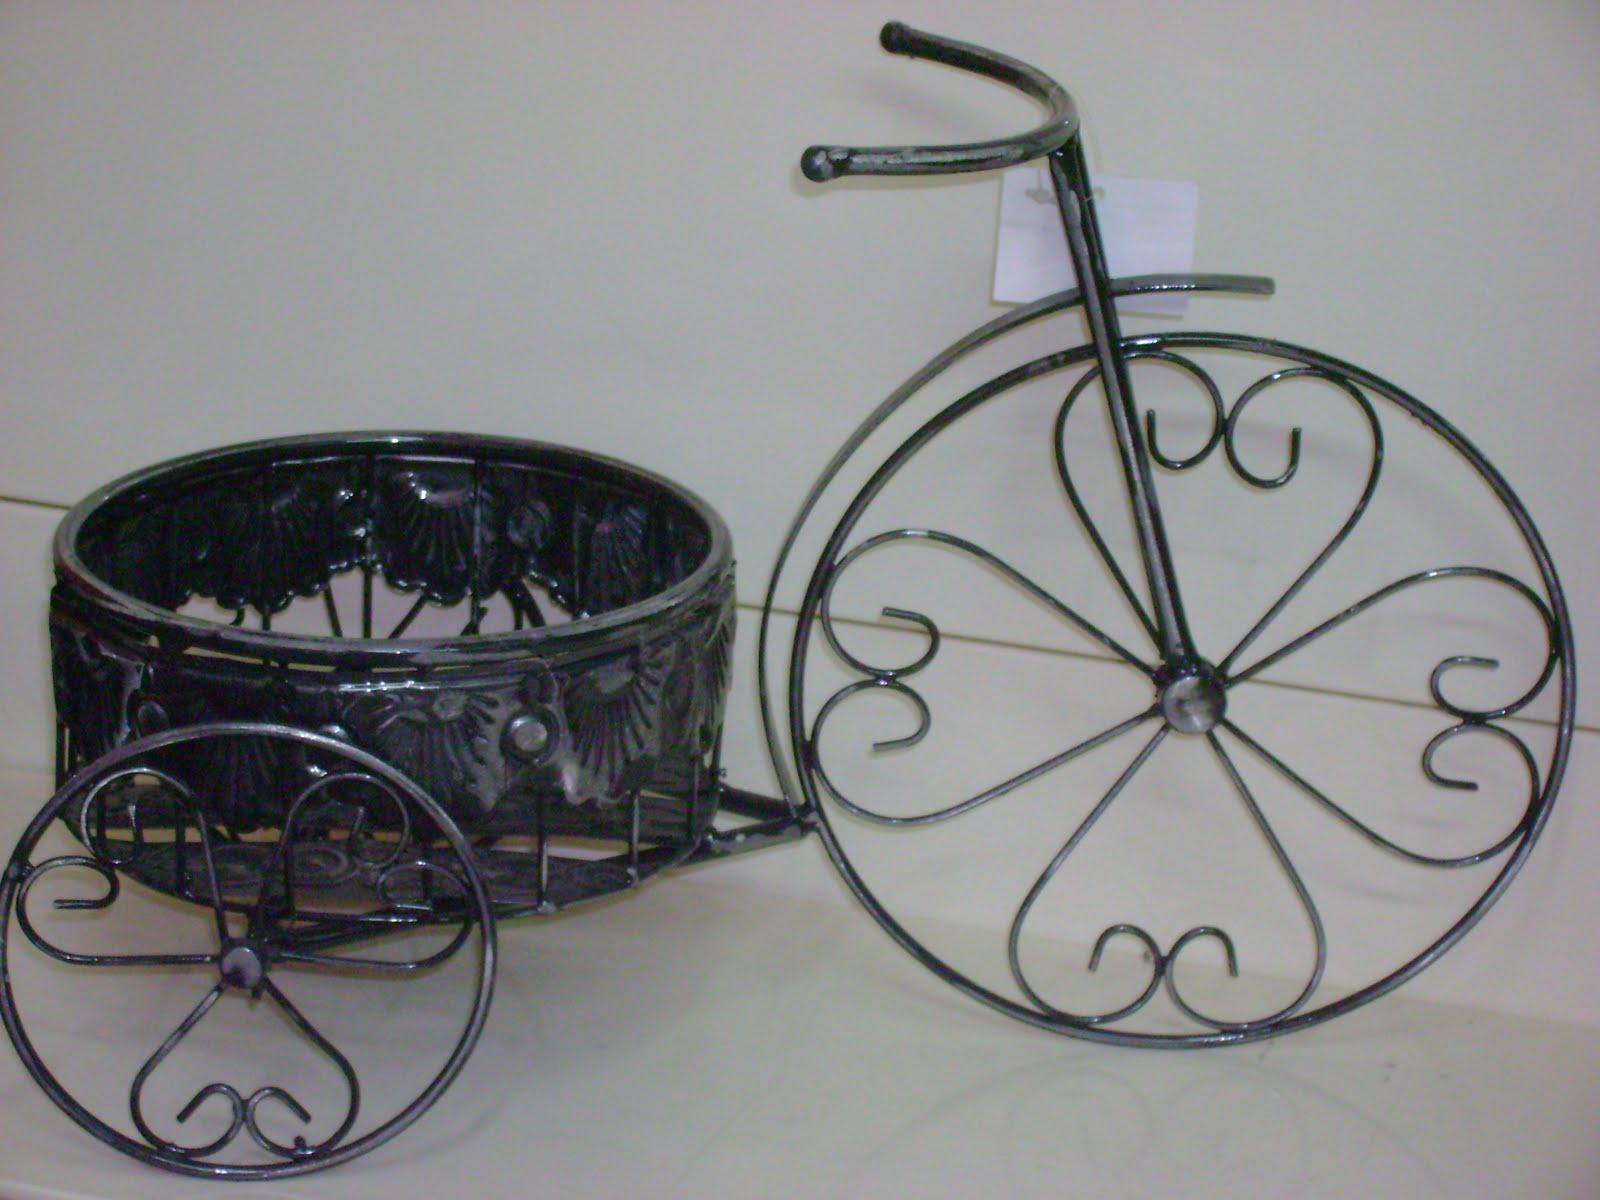 El kumpo macetero bicicleta - Bicicleta macetero ...